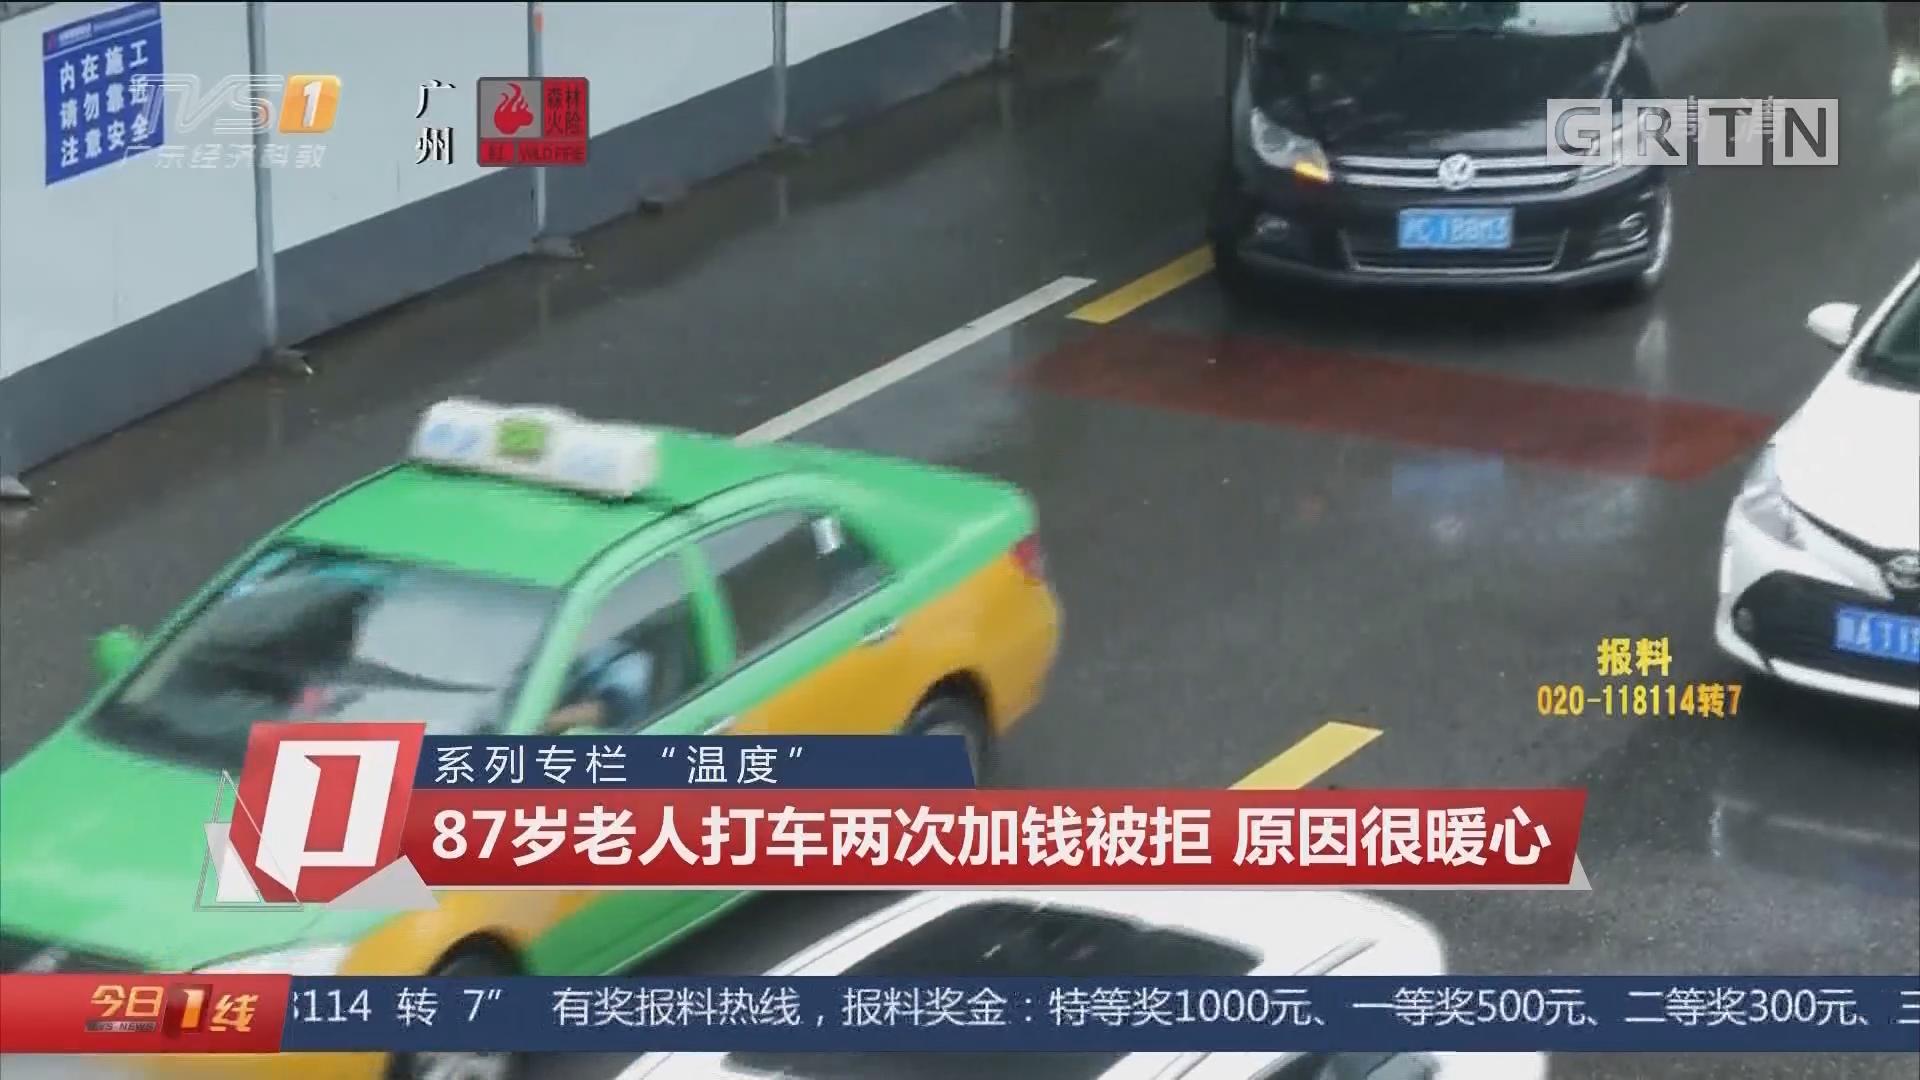 """系列专栏""""温度"""" 87岁老人打车两次加钱被拒 原因很暖心"""